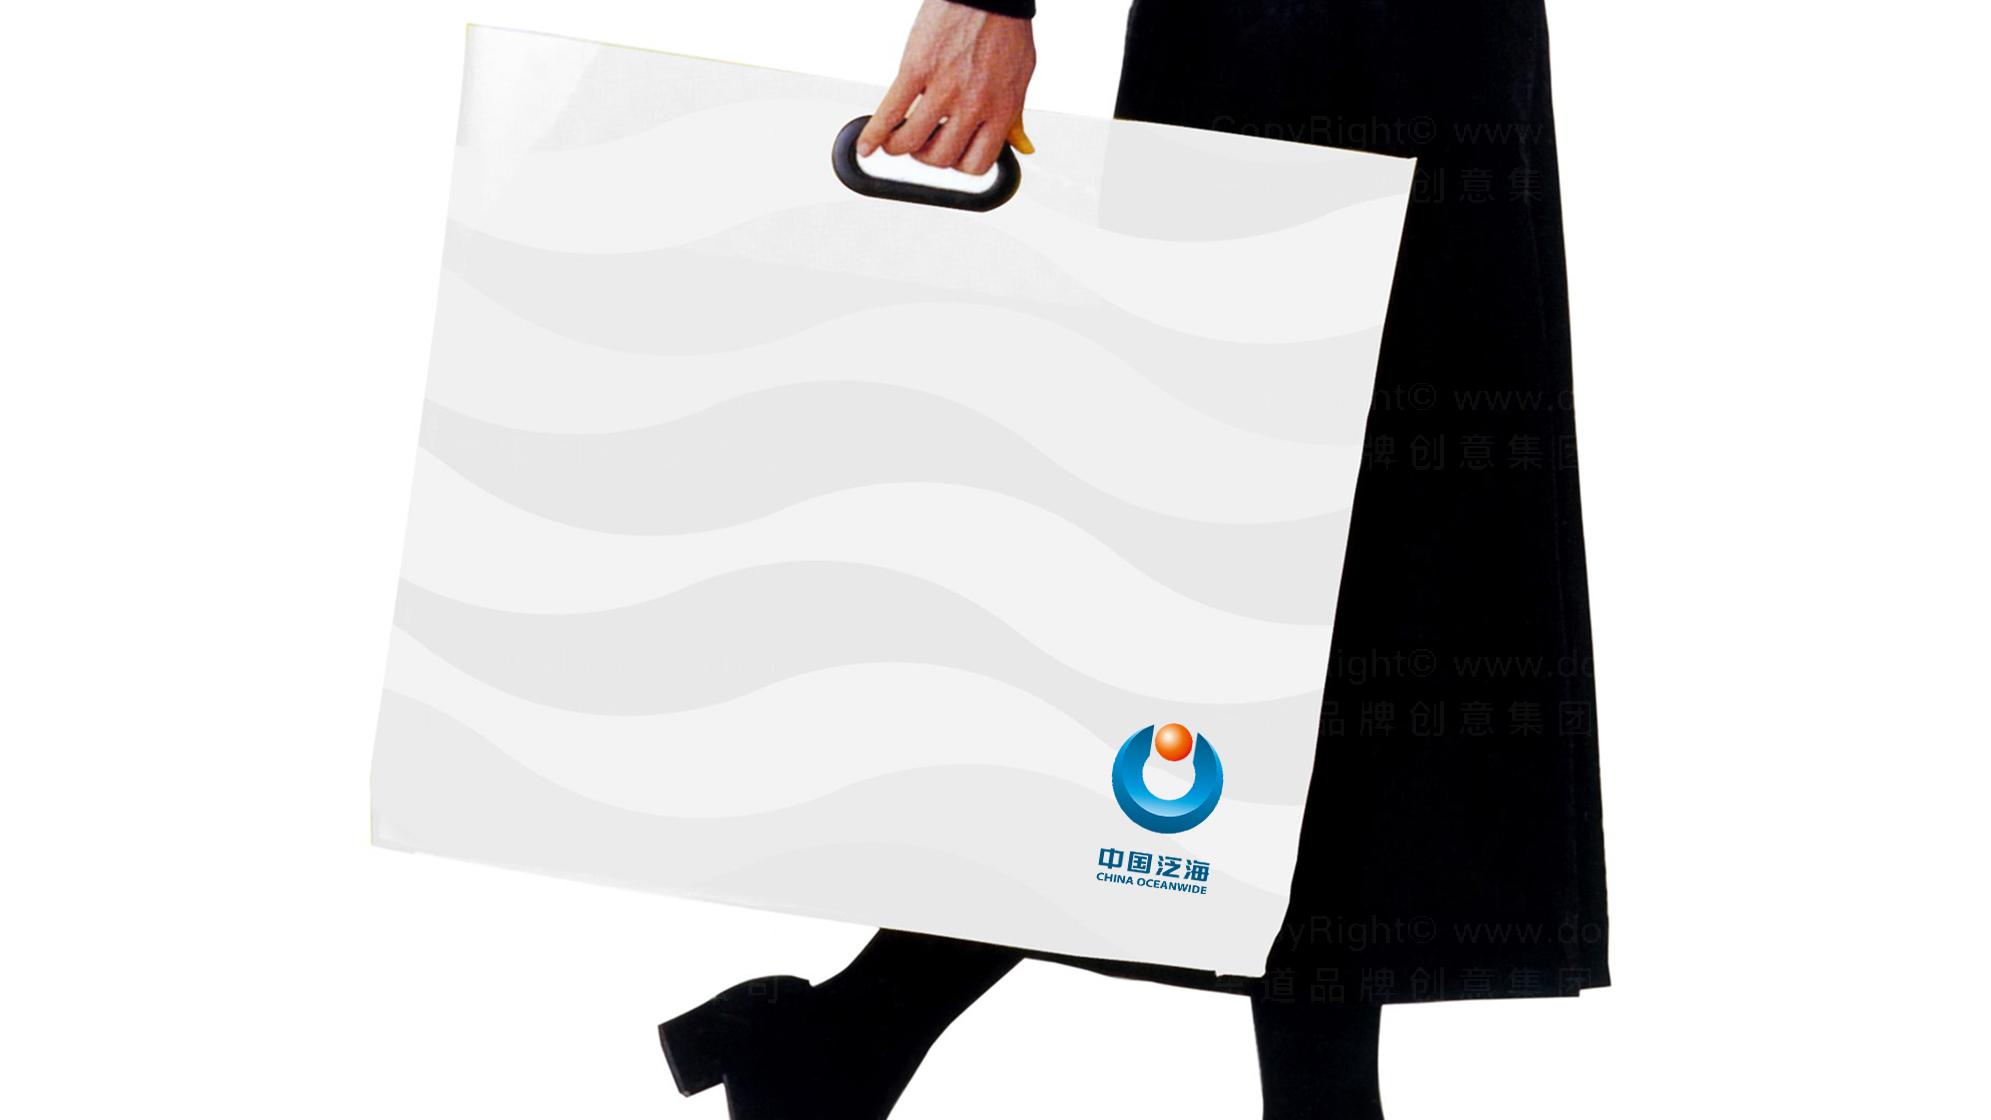 品牌设计泛海控股LOGO&VI设计应用场景_1